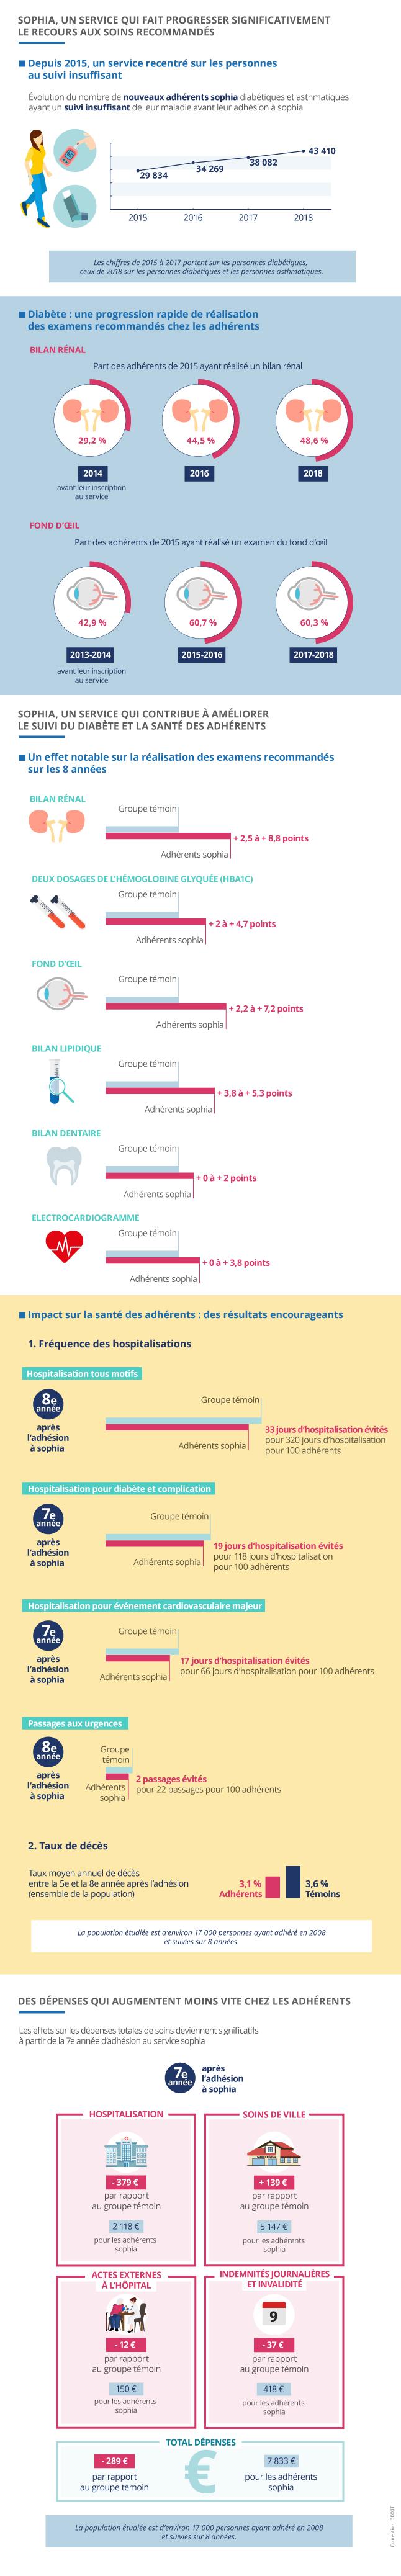 Infographie : sophia, un service qui fait progresser significativement le recours aux soins recommandés